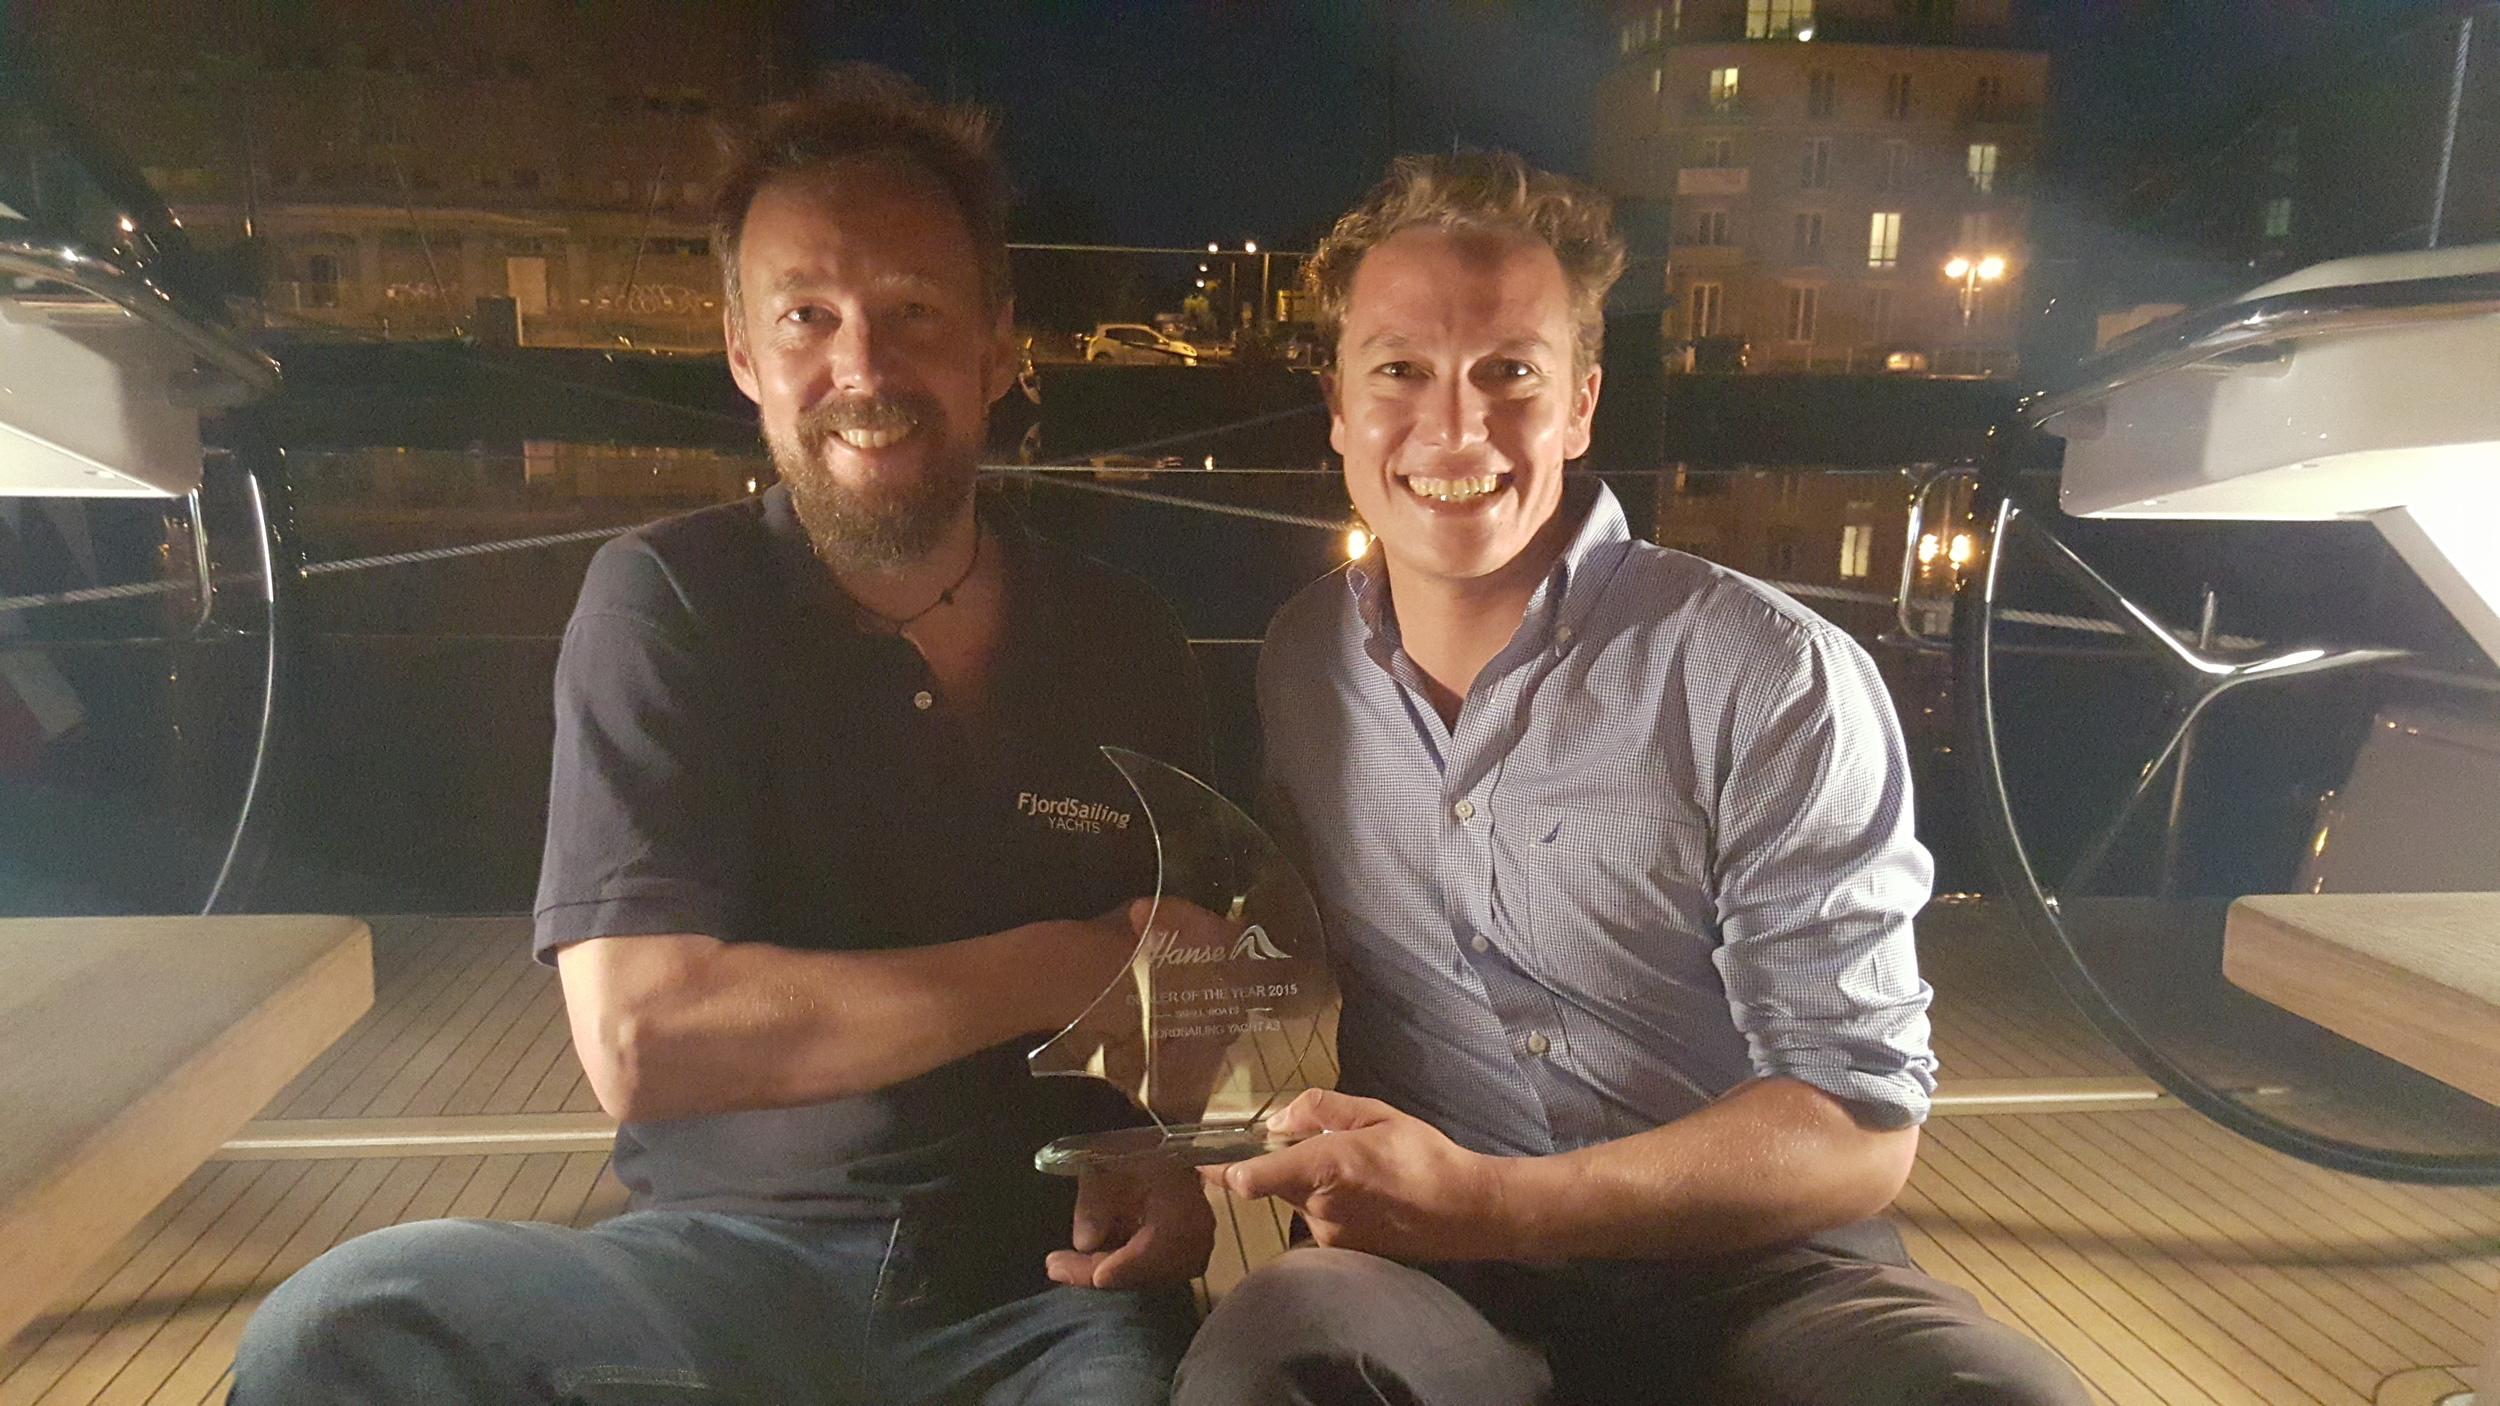 Bjørn-Vidar Bårtvedt fra FjordSailing Yachts AS og Marian Scheer fra Hanse Group AG ombord i en Hanse 575 klar for norsk kunde etter prisutdelingen.